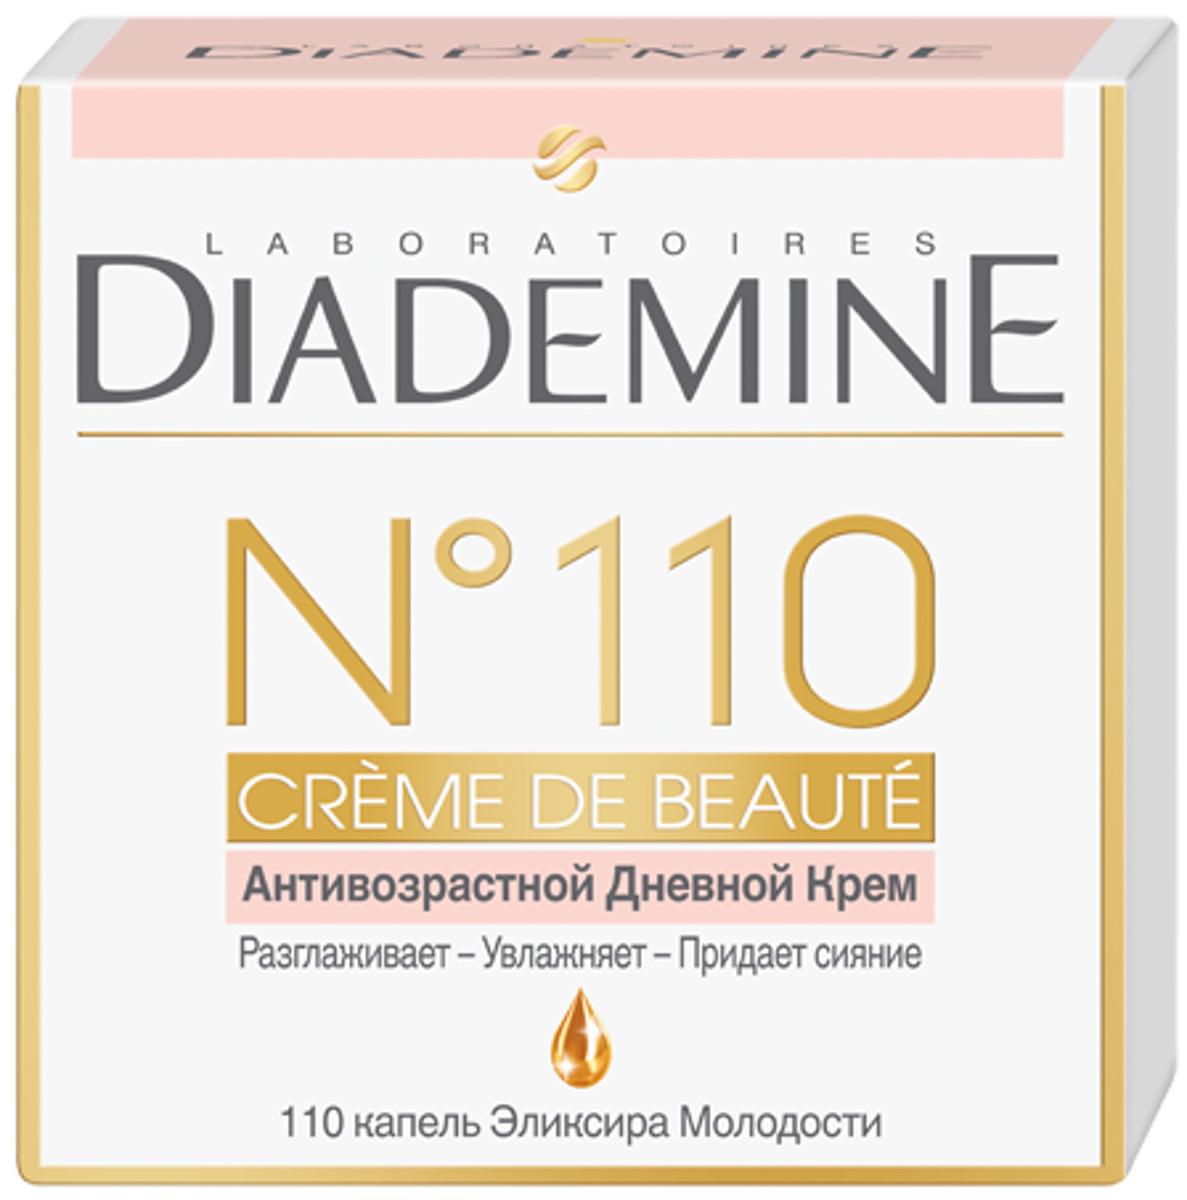 DIADEMINE №110 Creme de Beaute Антивозрастной ночной крем, 50 мл9430871DIADEMINE №110 CREME DE BEAUTE Антивозрастной Ночной крем высокоэффективно восстанавливает кожу и борется с признаками старения всю ночь, чтобы утром Ваша кожа была гладкой, сияющей и обновленной. Уникальная формула обогащена 110-ю каплями мощного Эликсира Молодости, в состав которого входят 11 антивозрастных компонентов: Про-Коллаген, Гиалуроновая Кислота, 3 типа Аминокислот, Витамины (E, F, B5), Про-Пептид и 2 типа Протеинов.